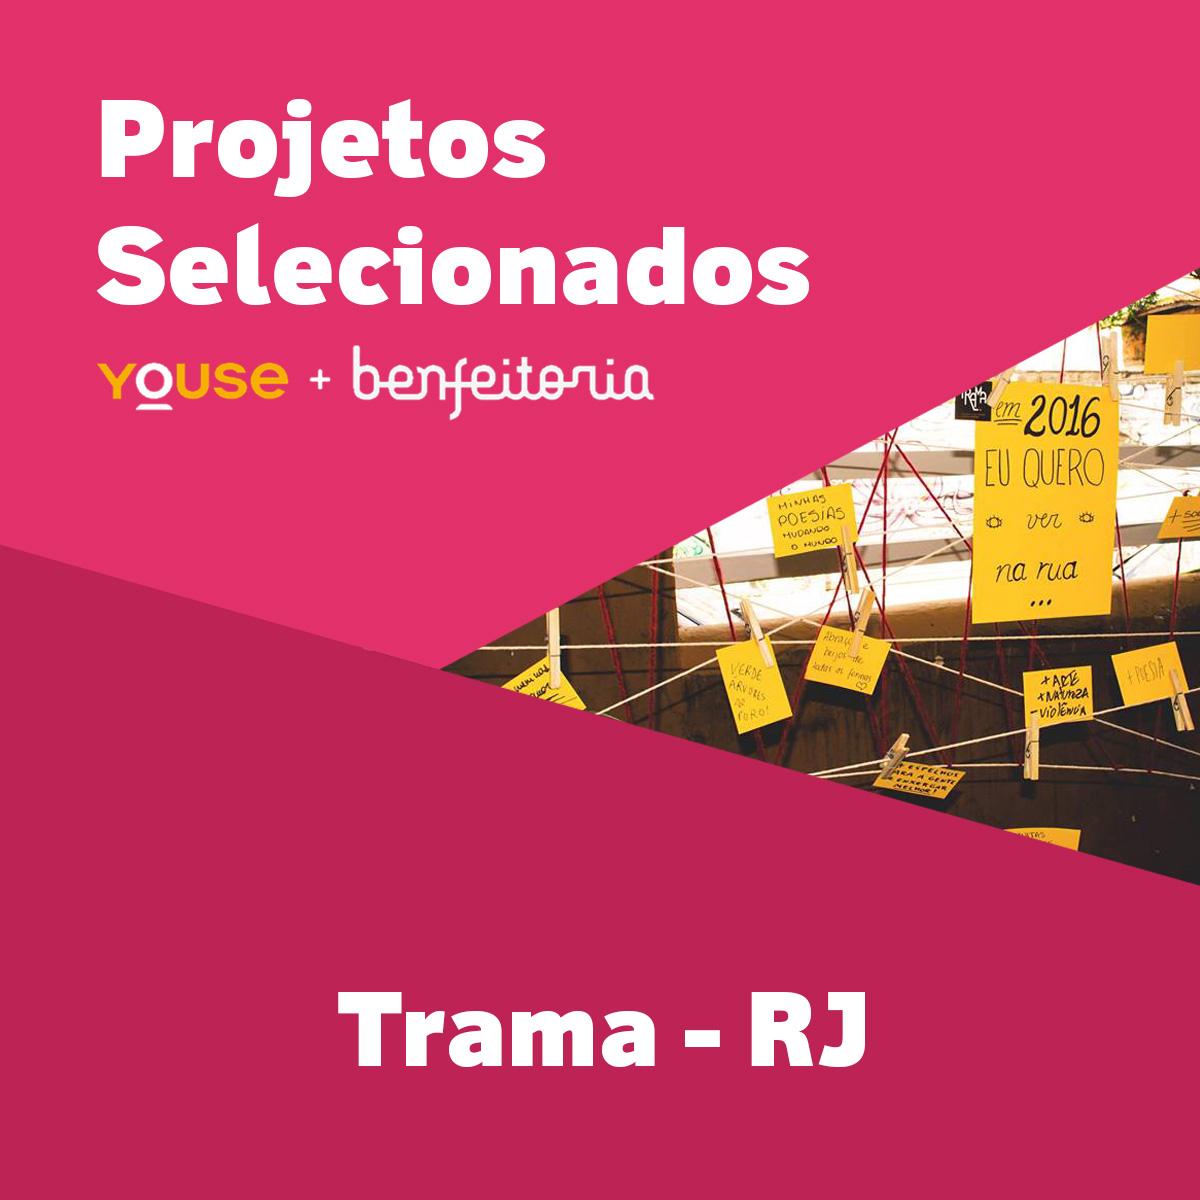 Projetos Selecionados - Trama - RJ